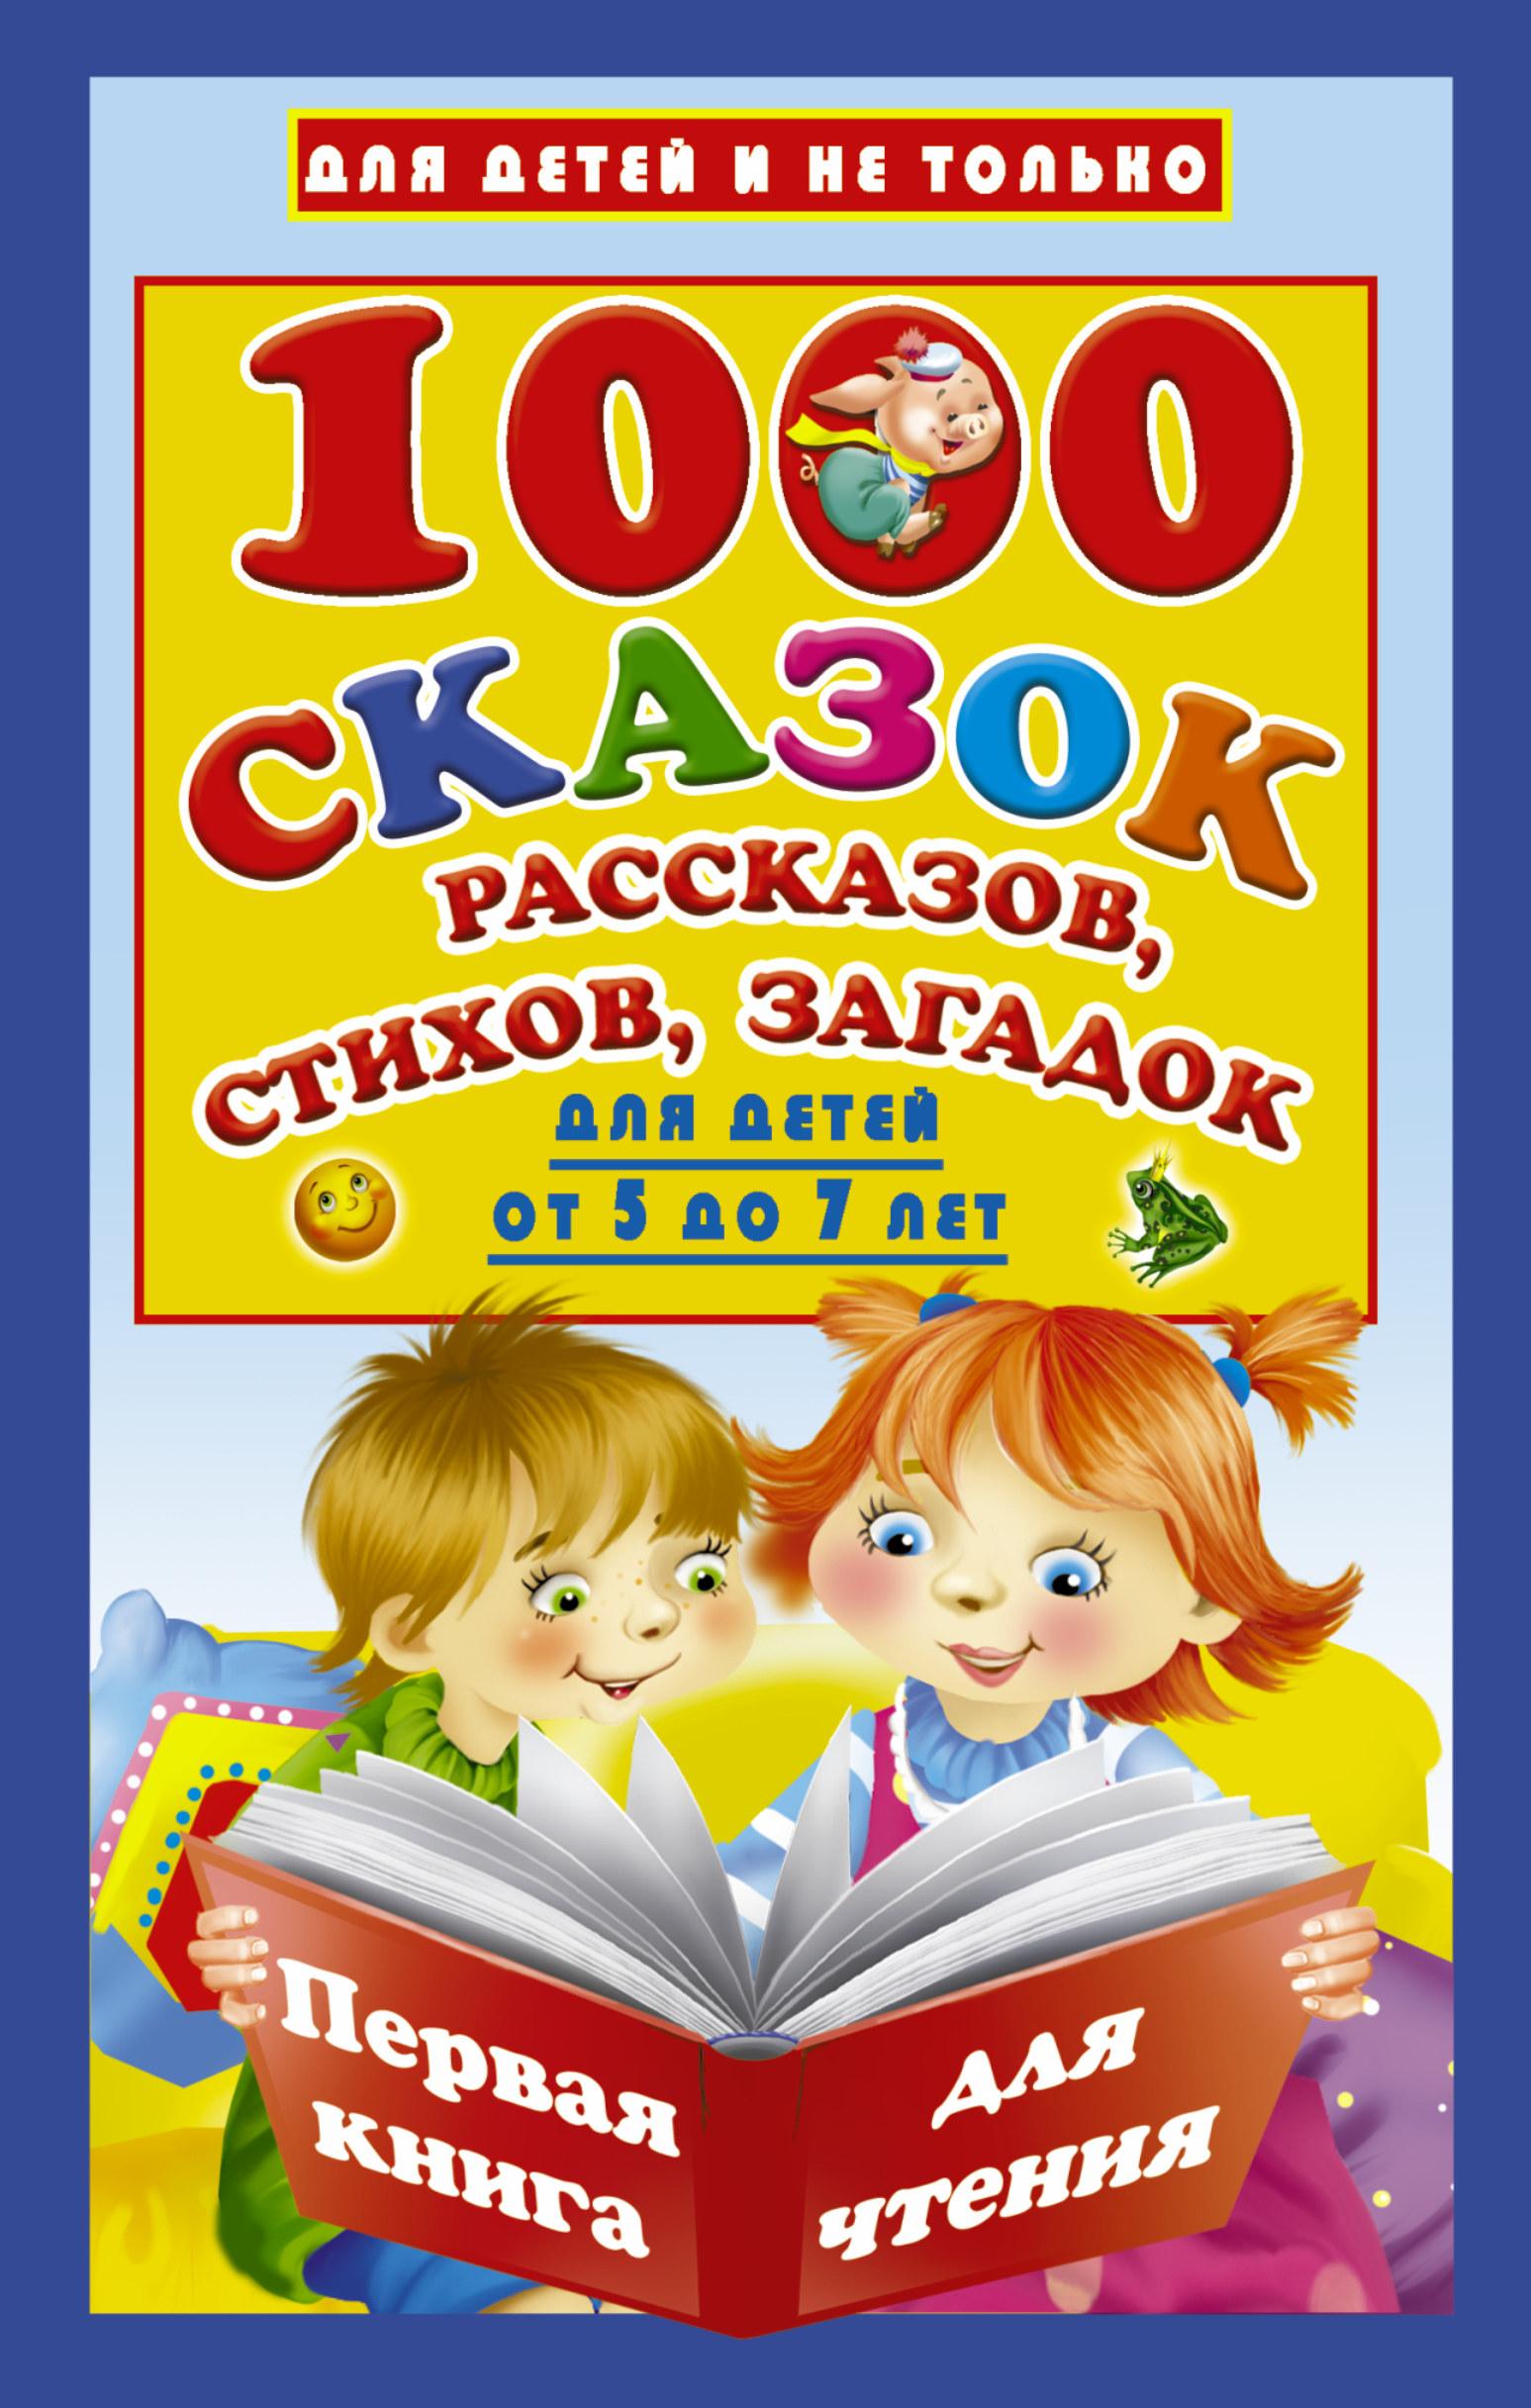 Отсутствует 1000 cказок, рассказов, стихов, загадок. Для детей от 5 до 7 лет отсутствует 1000 cказок рассказов стихов загадок для детей от 5 до 7 лет